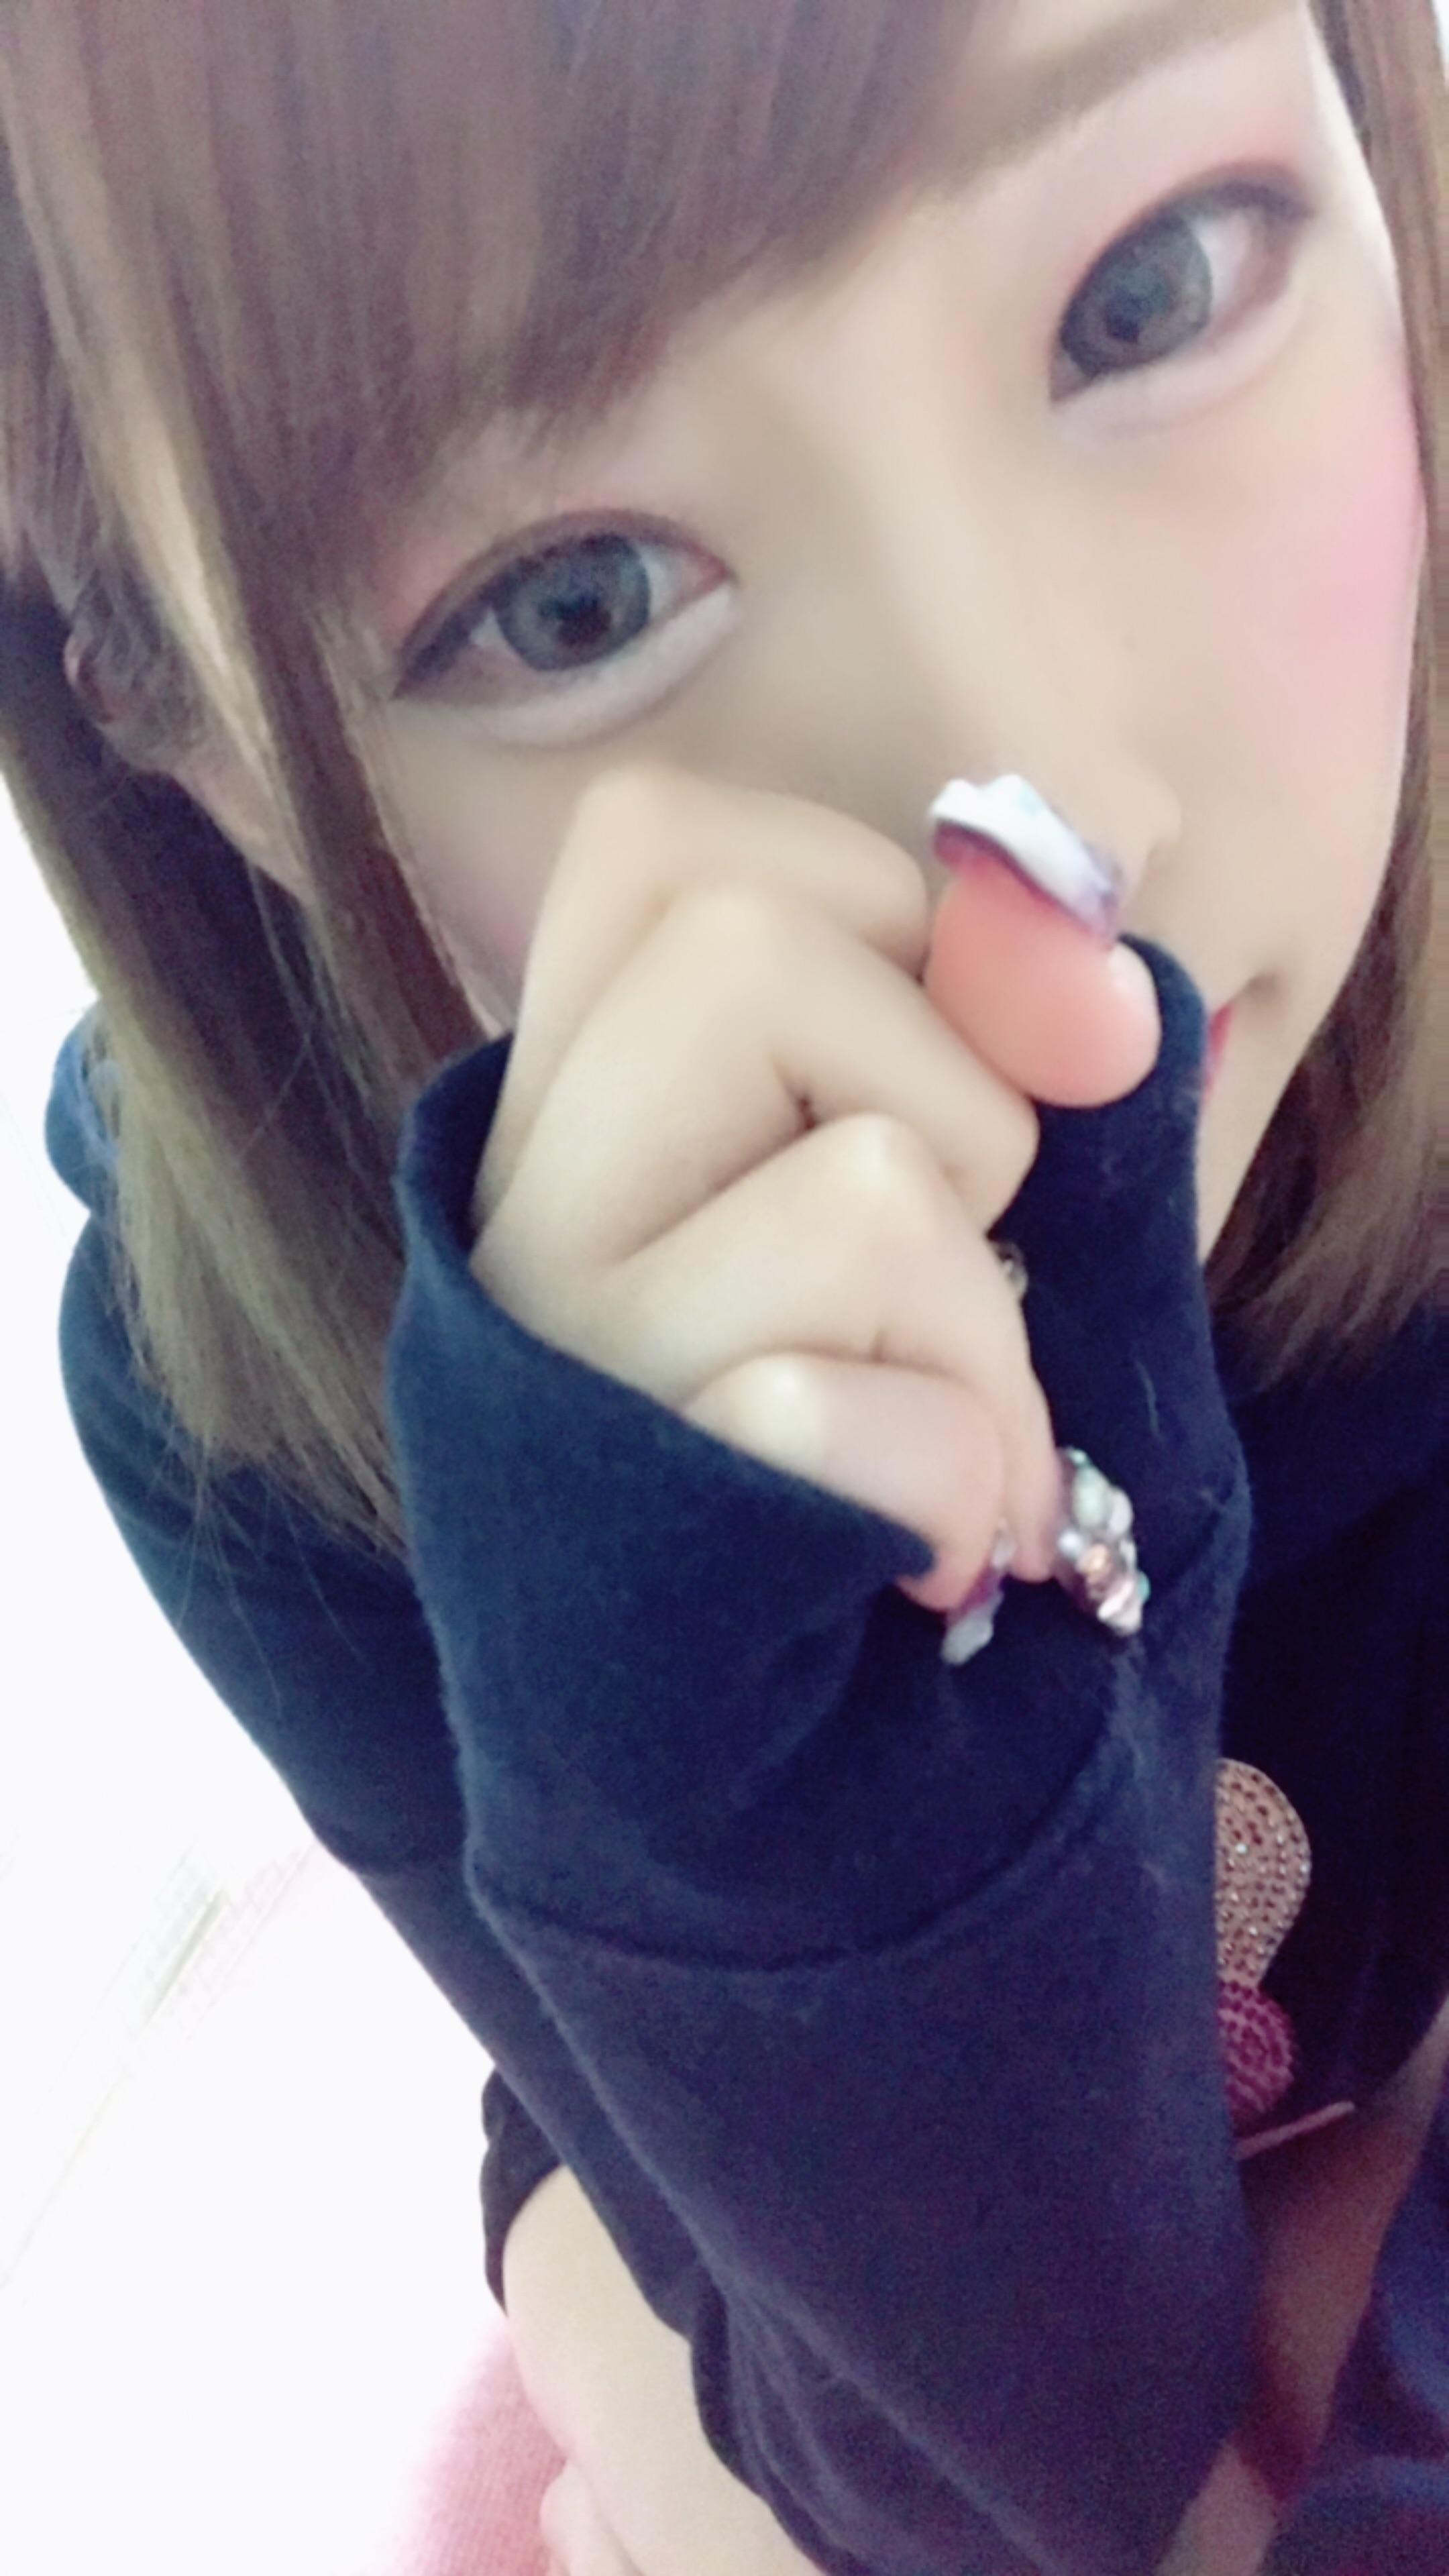 「リピ様ありがとう?」09/24(09/24) 02:39 | 胡桃ひな(60分15千円)の写メ・風俗動画